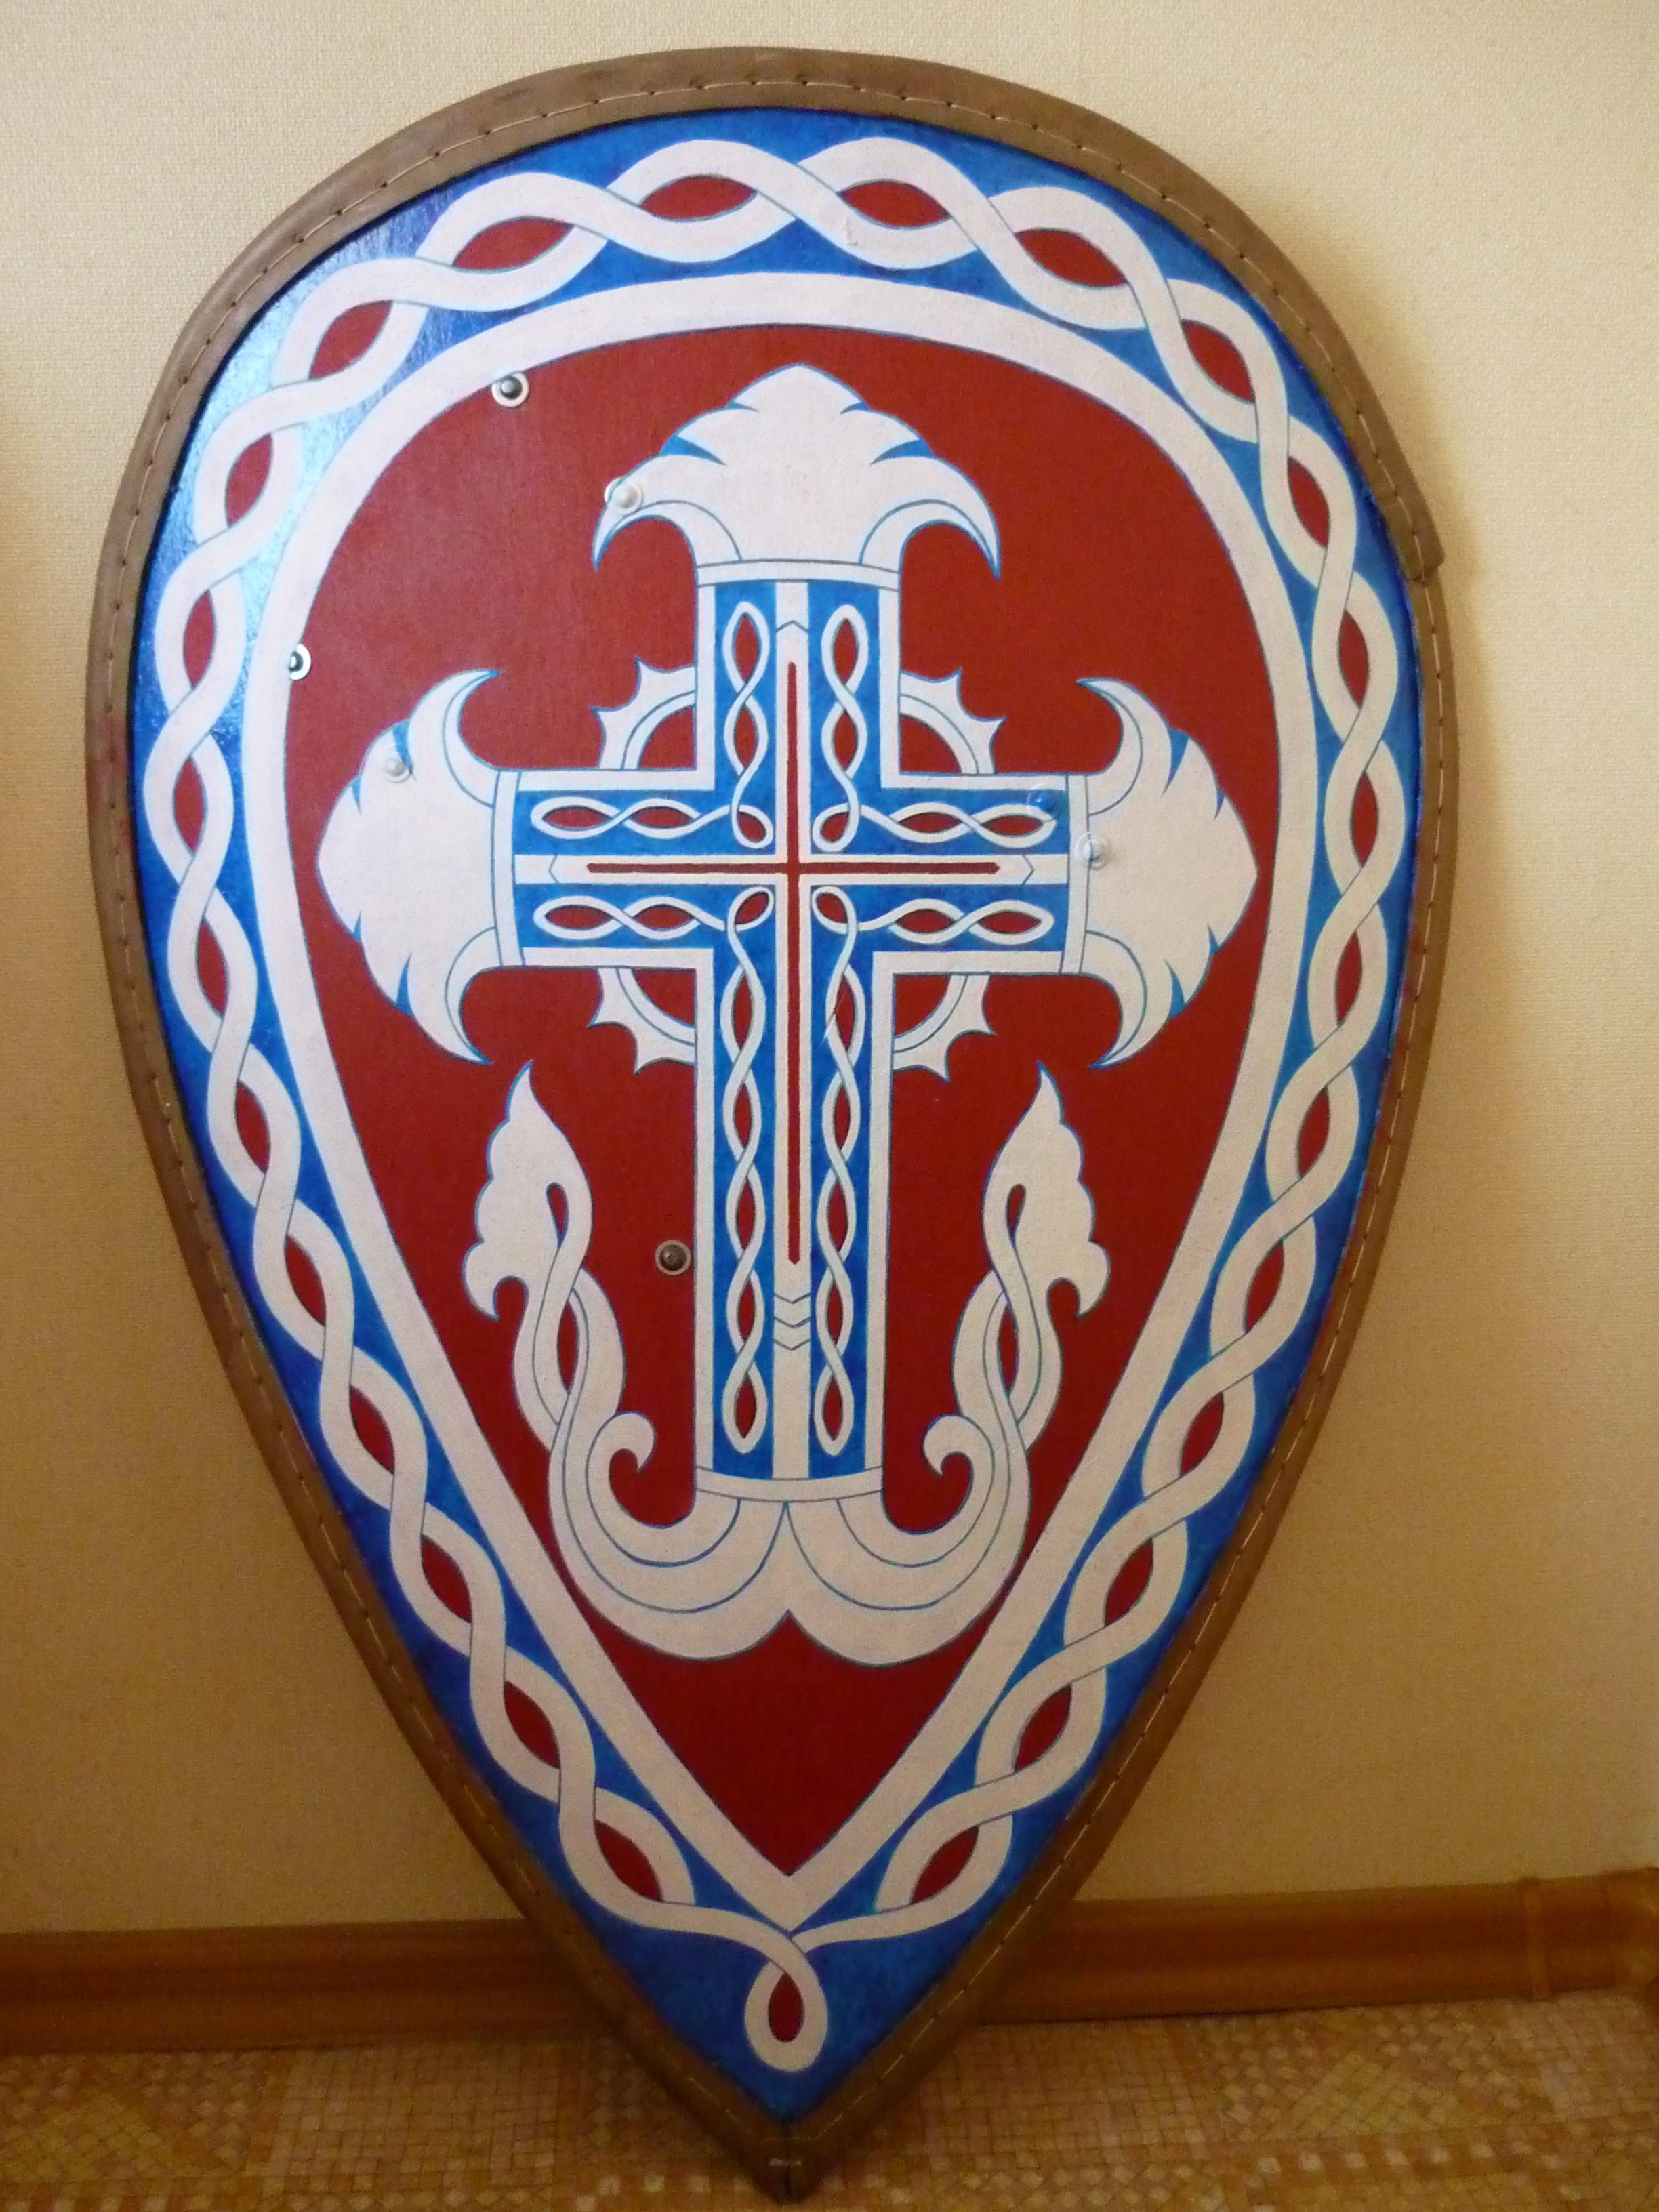 Изготовление фанерного щита » SwordMaster 79